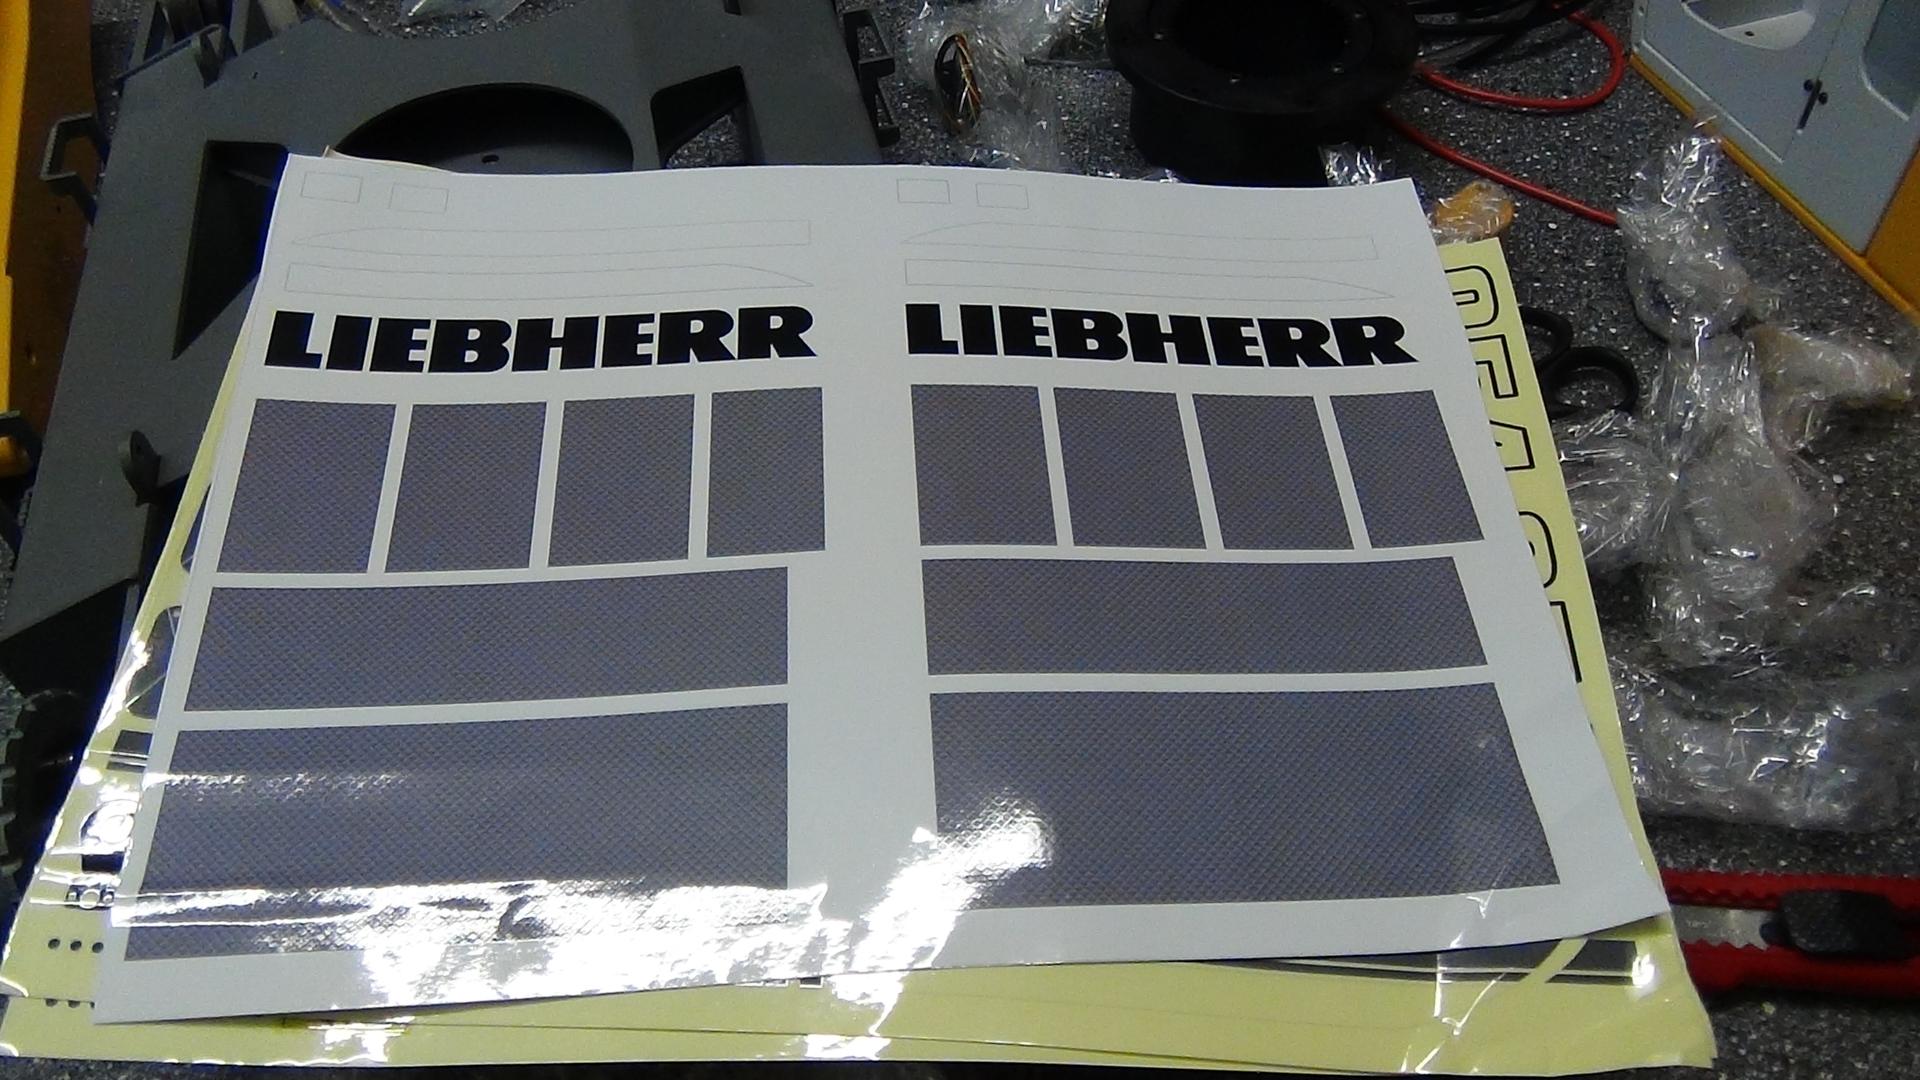 Liebherr 954 - Bagger - Modelltruckforum - Das Forum für ...